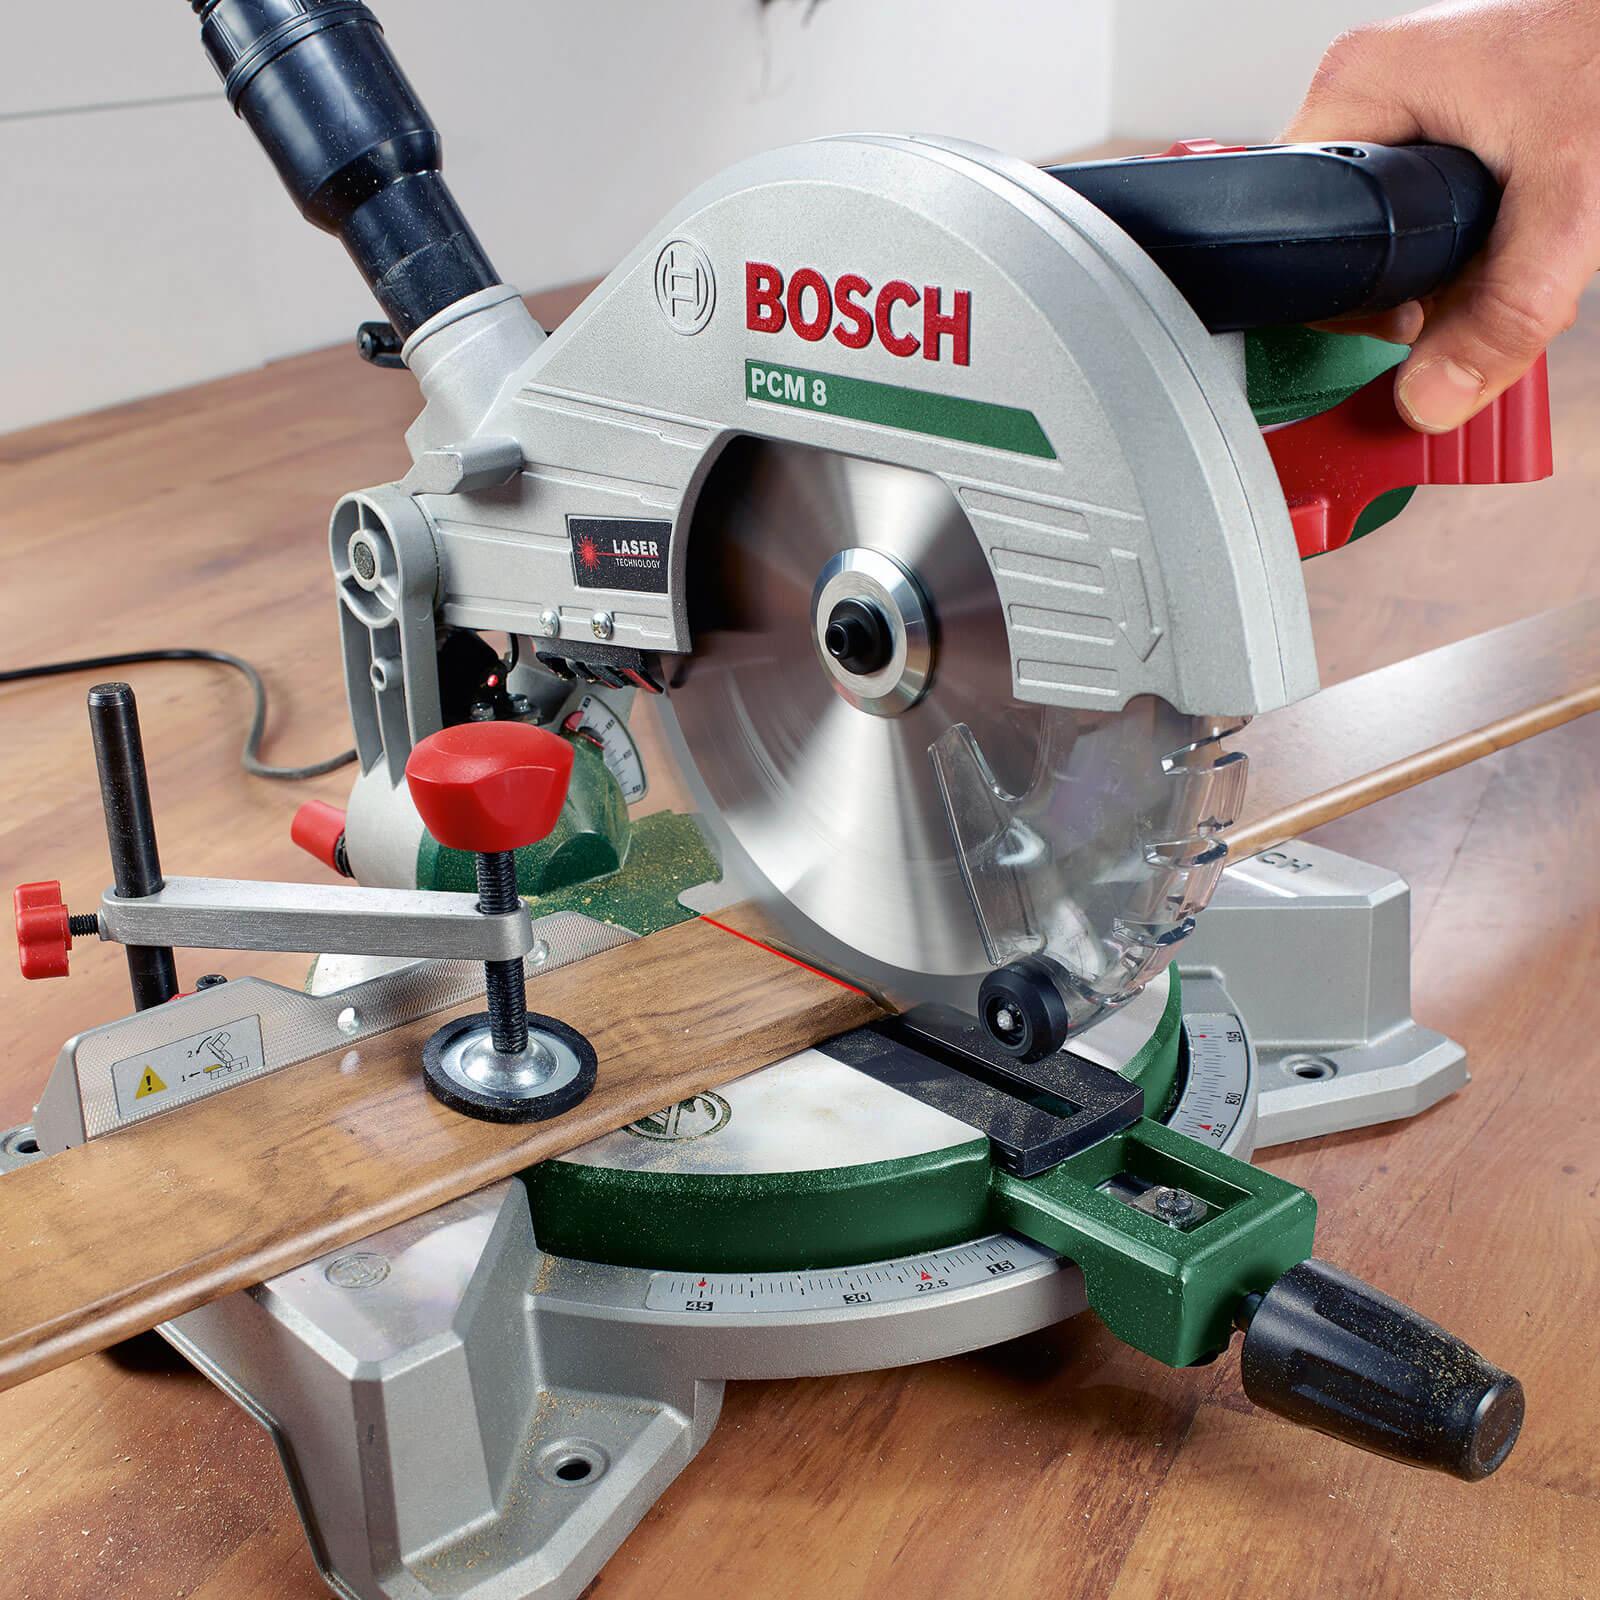 bosch pcm 8 compound mitre saw 210mm blade 1200w 240v tooled. Black Bedroom Furniture Sets. Home Design Ideas